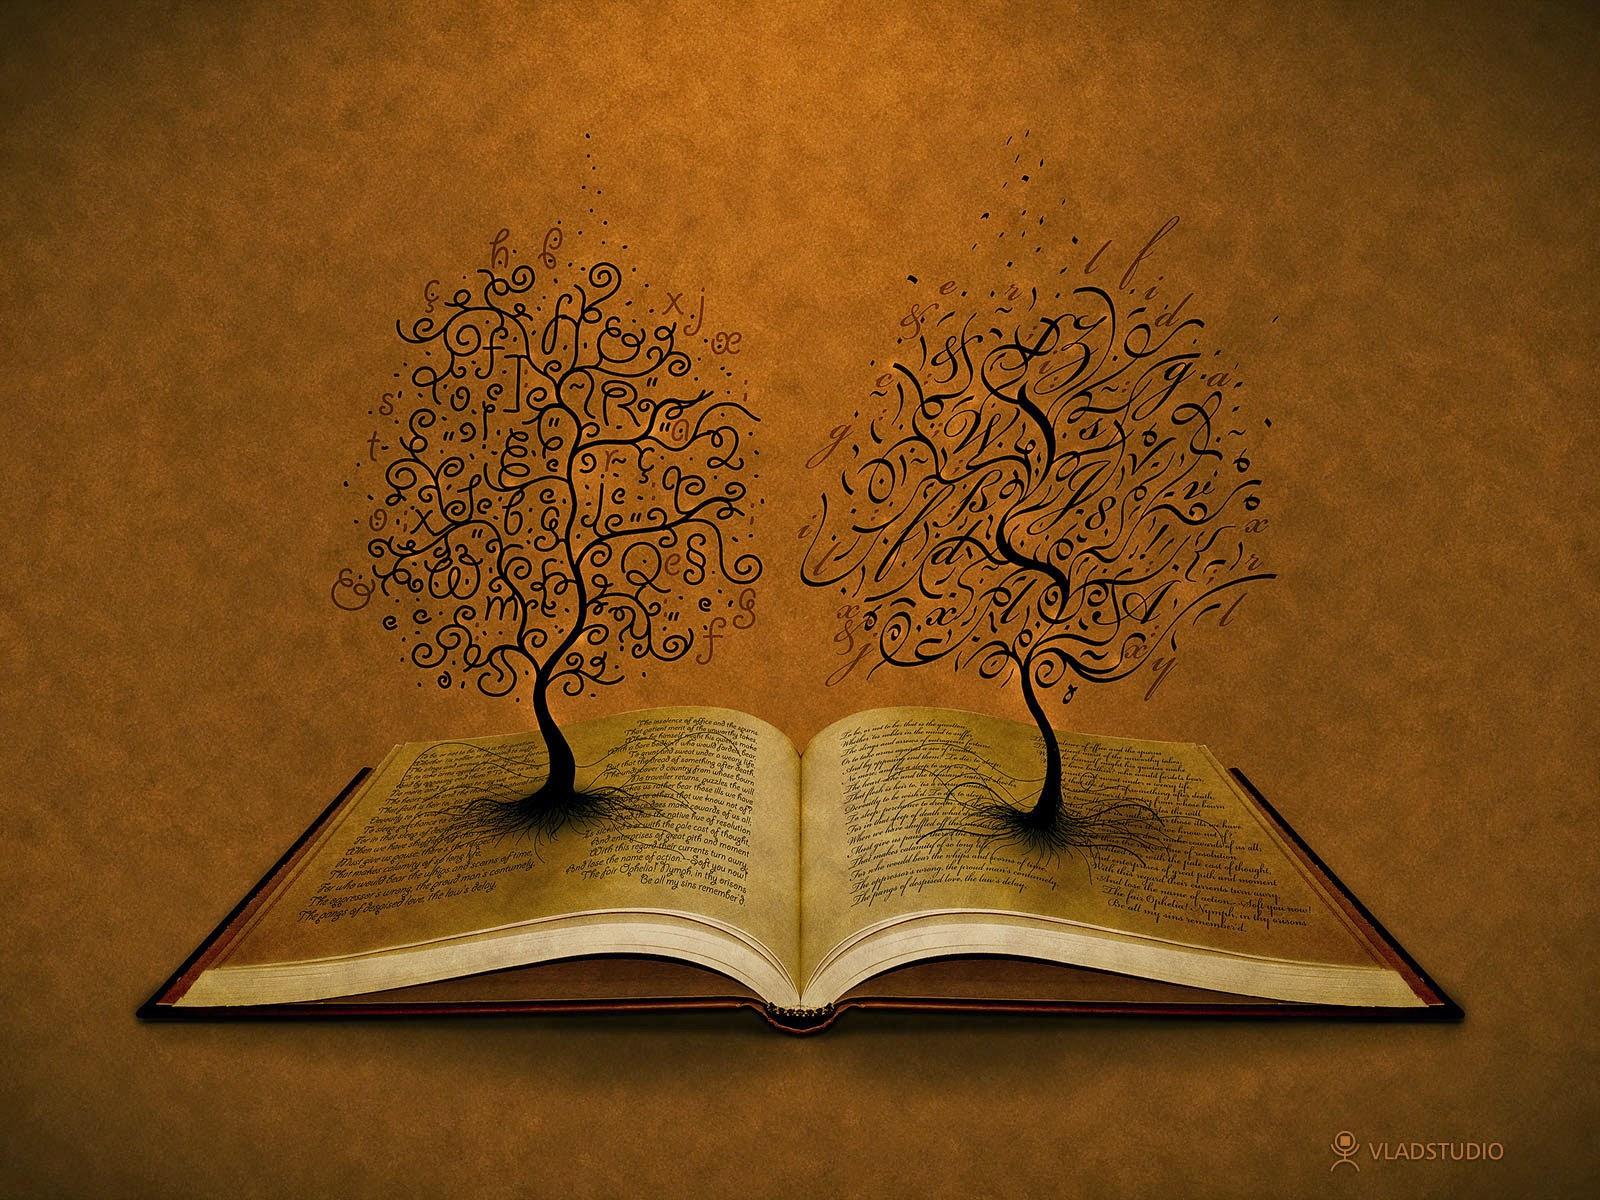 ¡Elige qué libro quieres leer!